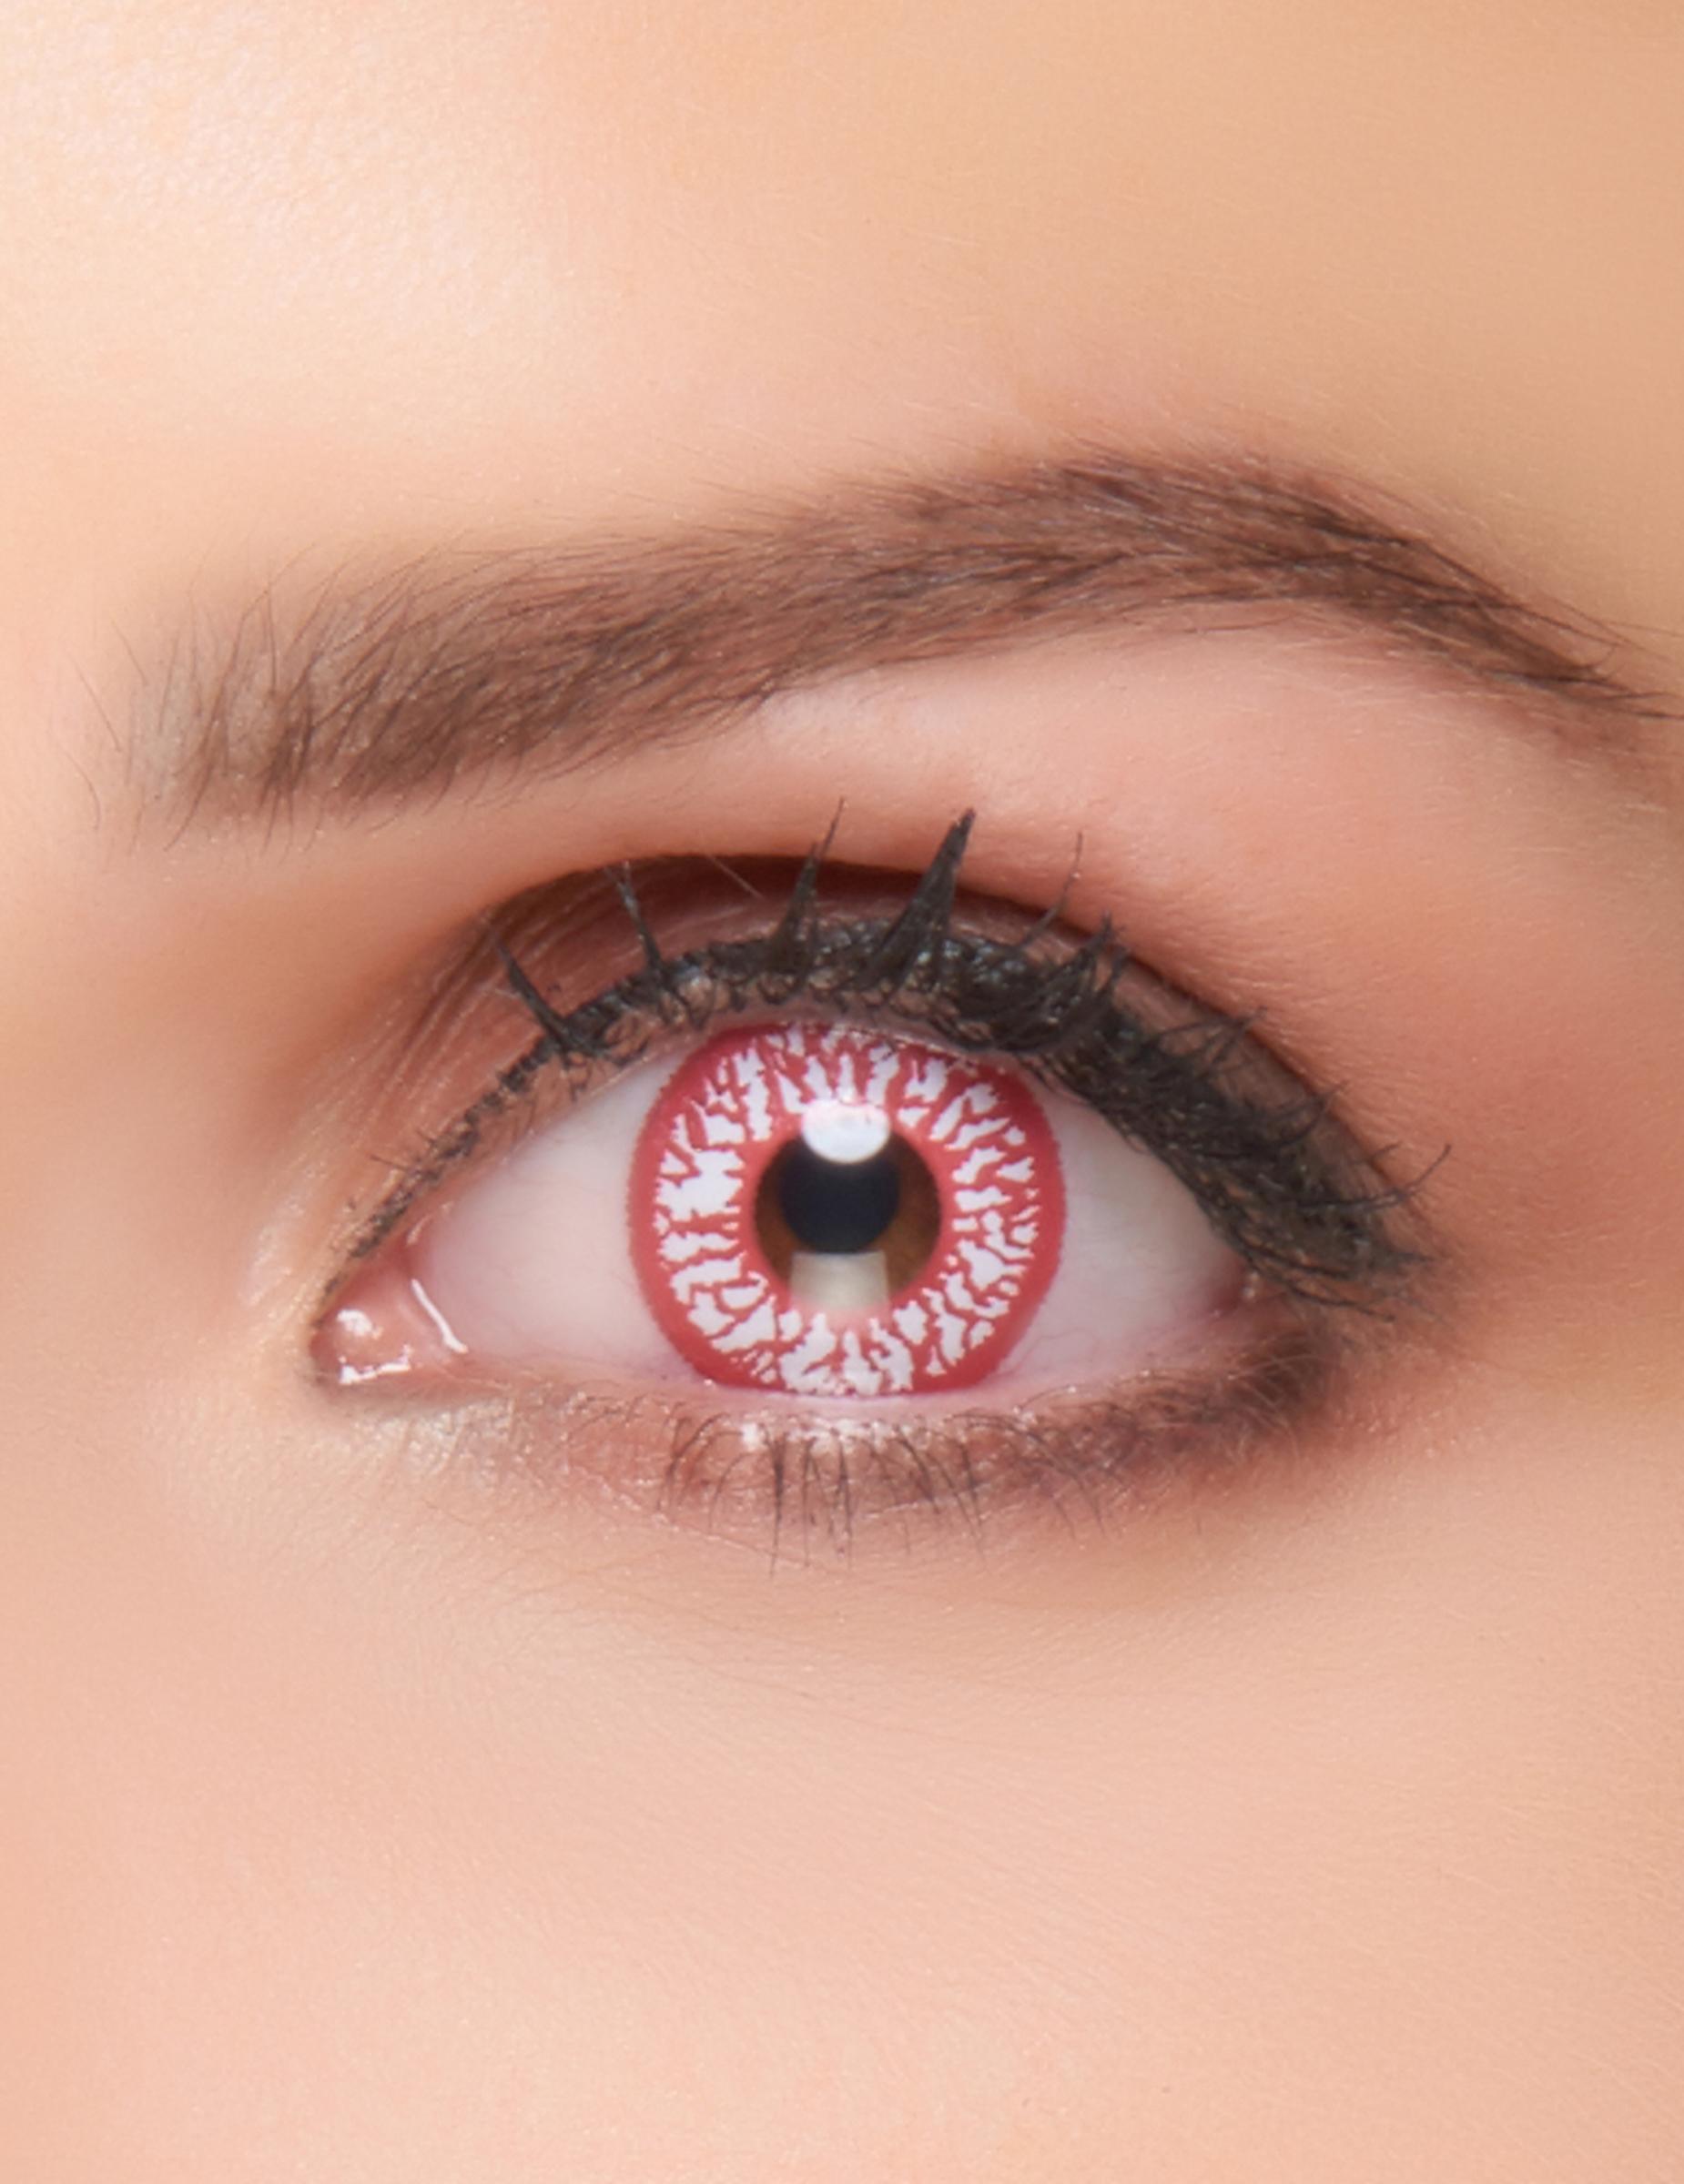 kontaktlinsen fantasie blutunterlaufen auge erwachsene. Black Bedroom Furniture Sets. Home Design Ideas